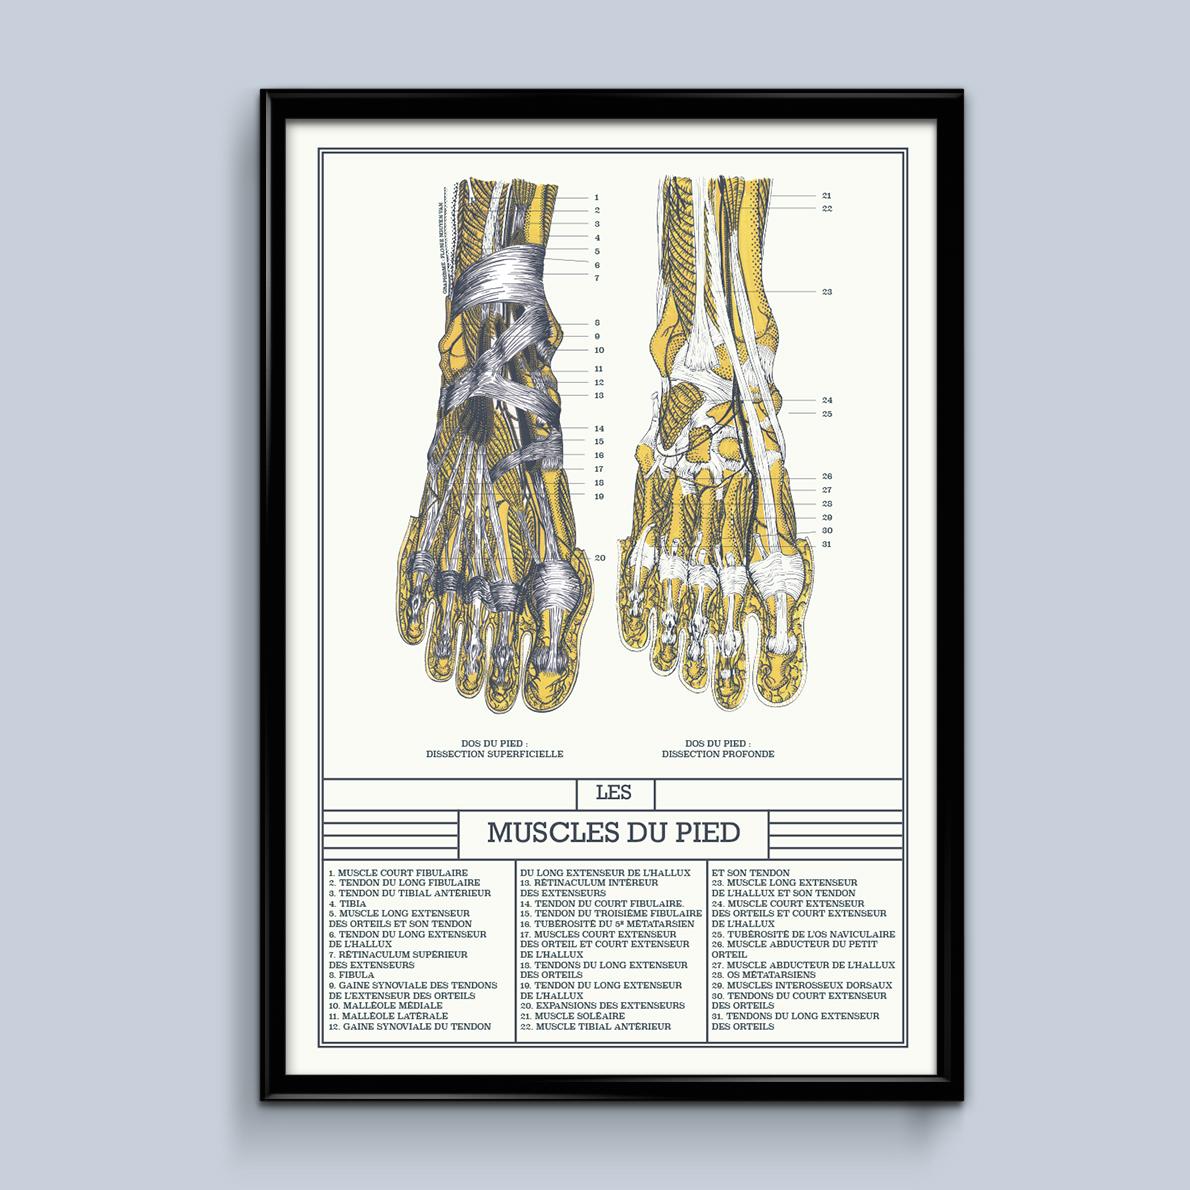 muscles du pied, planche scientifique